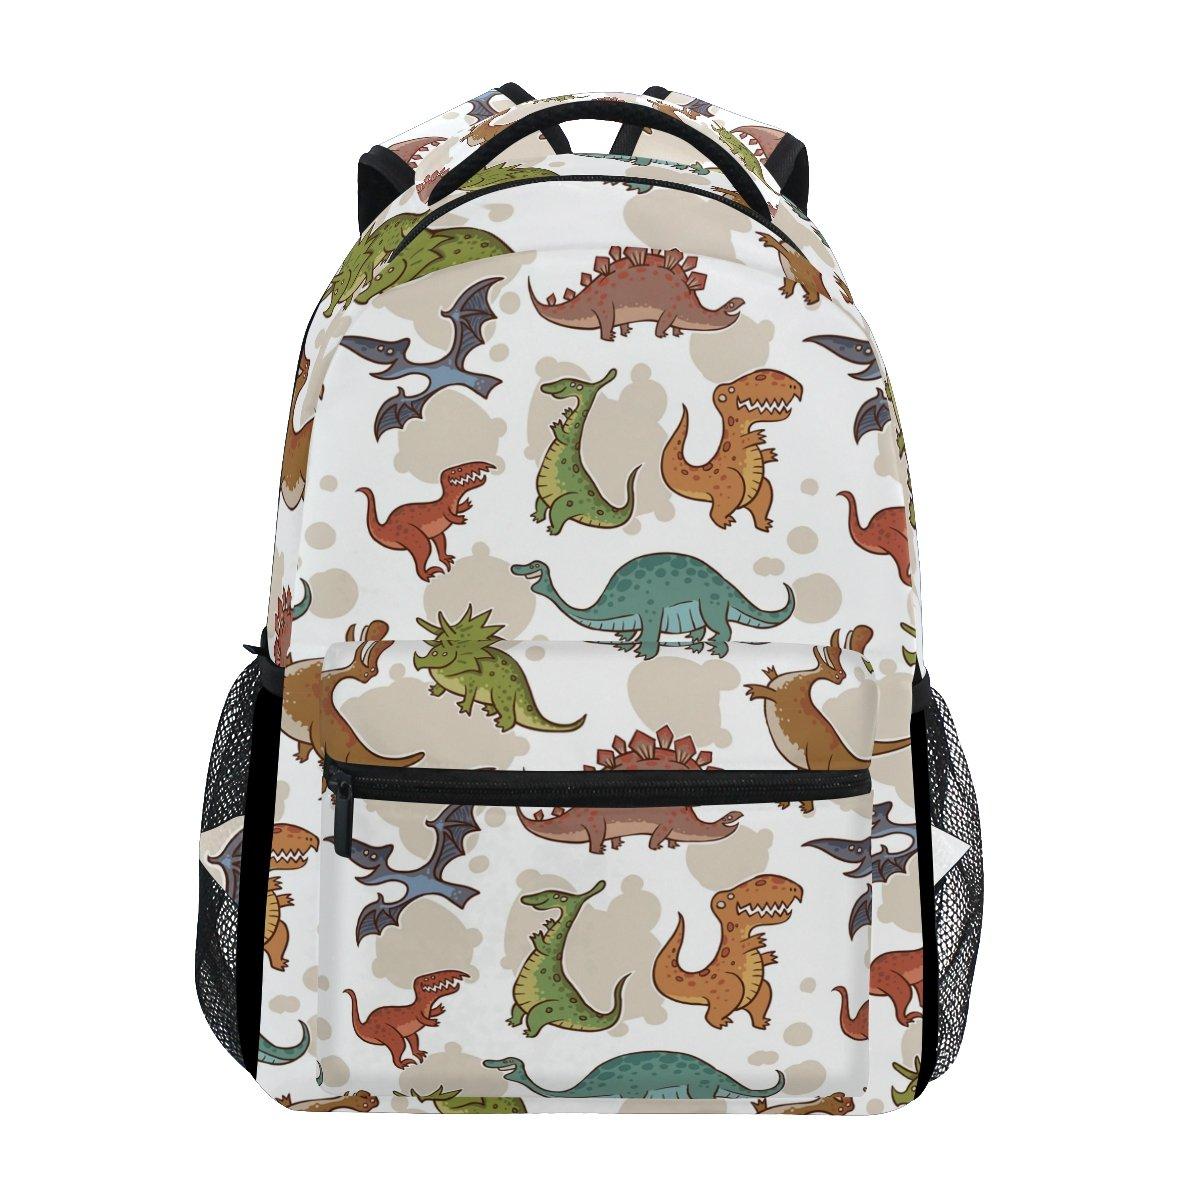 TIZORAX Dinosaure Sac à dos Sac d'école pour randonnée Voyage Sac à dos